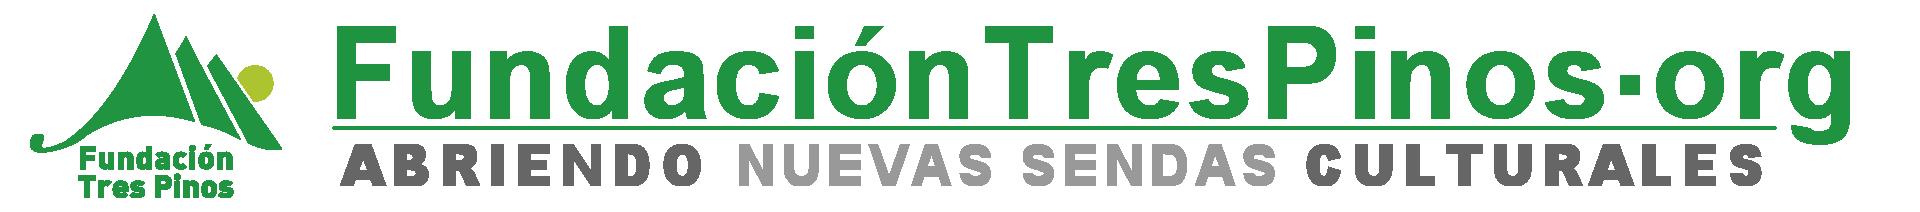 Fundación Tres Pinos